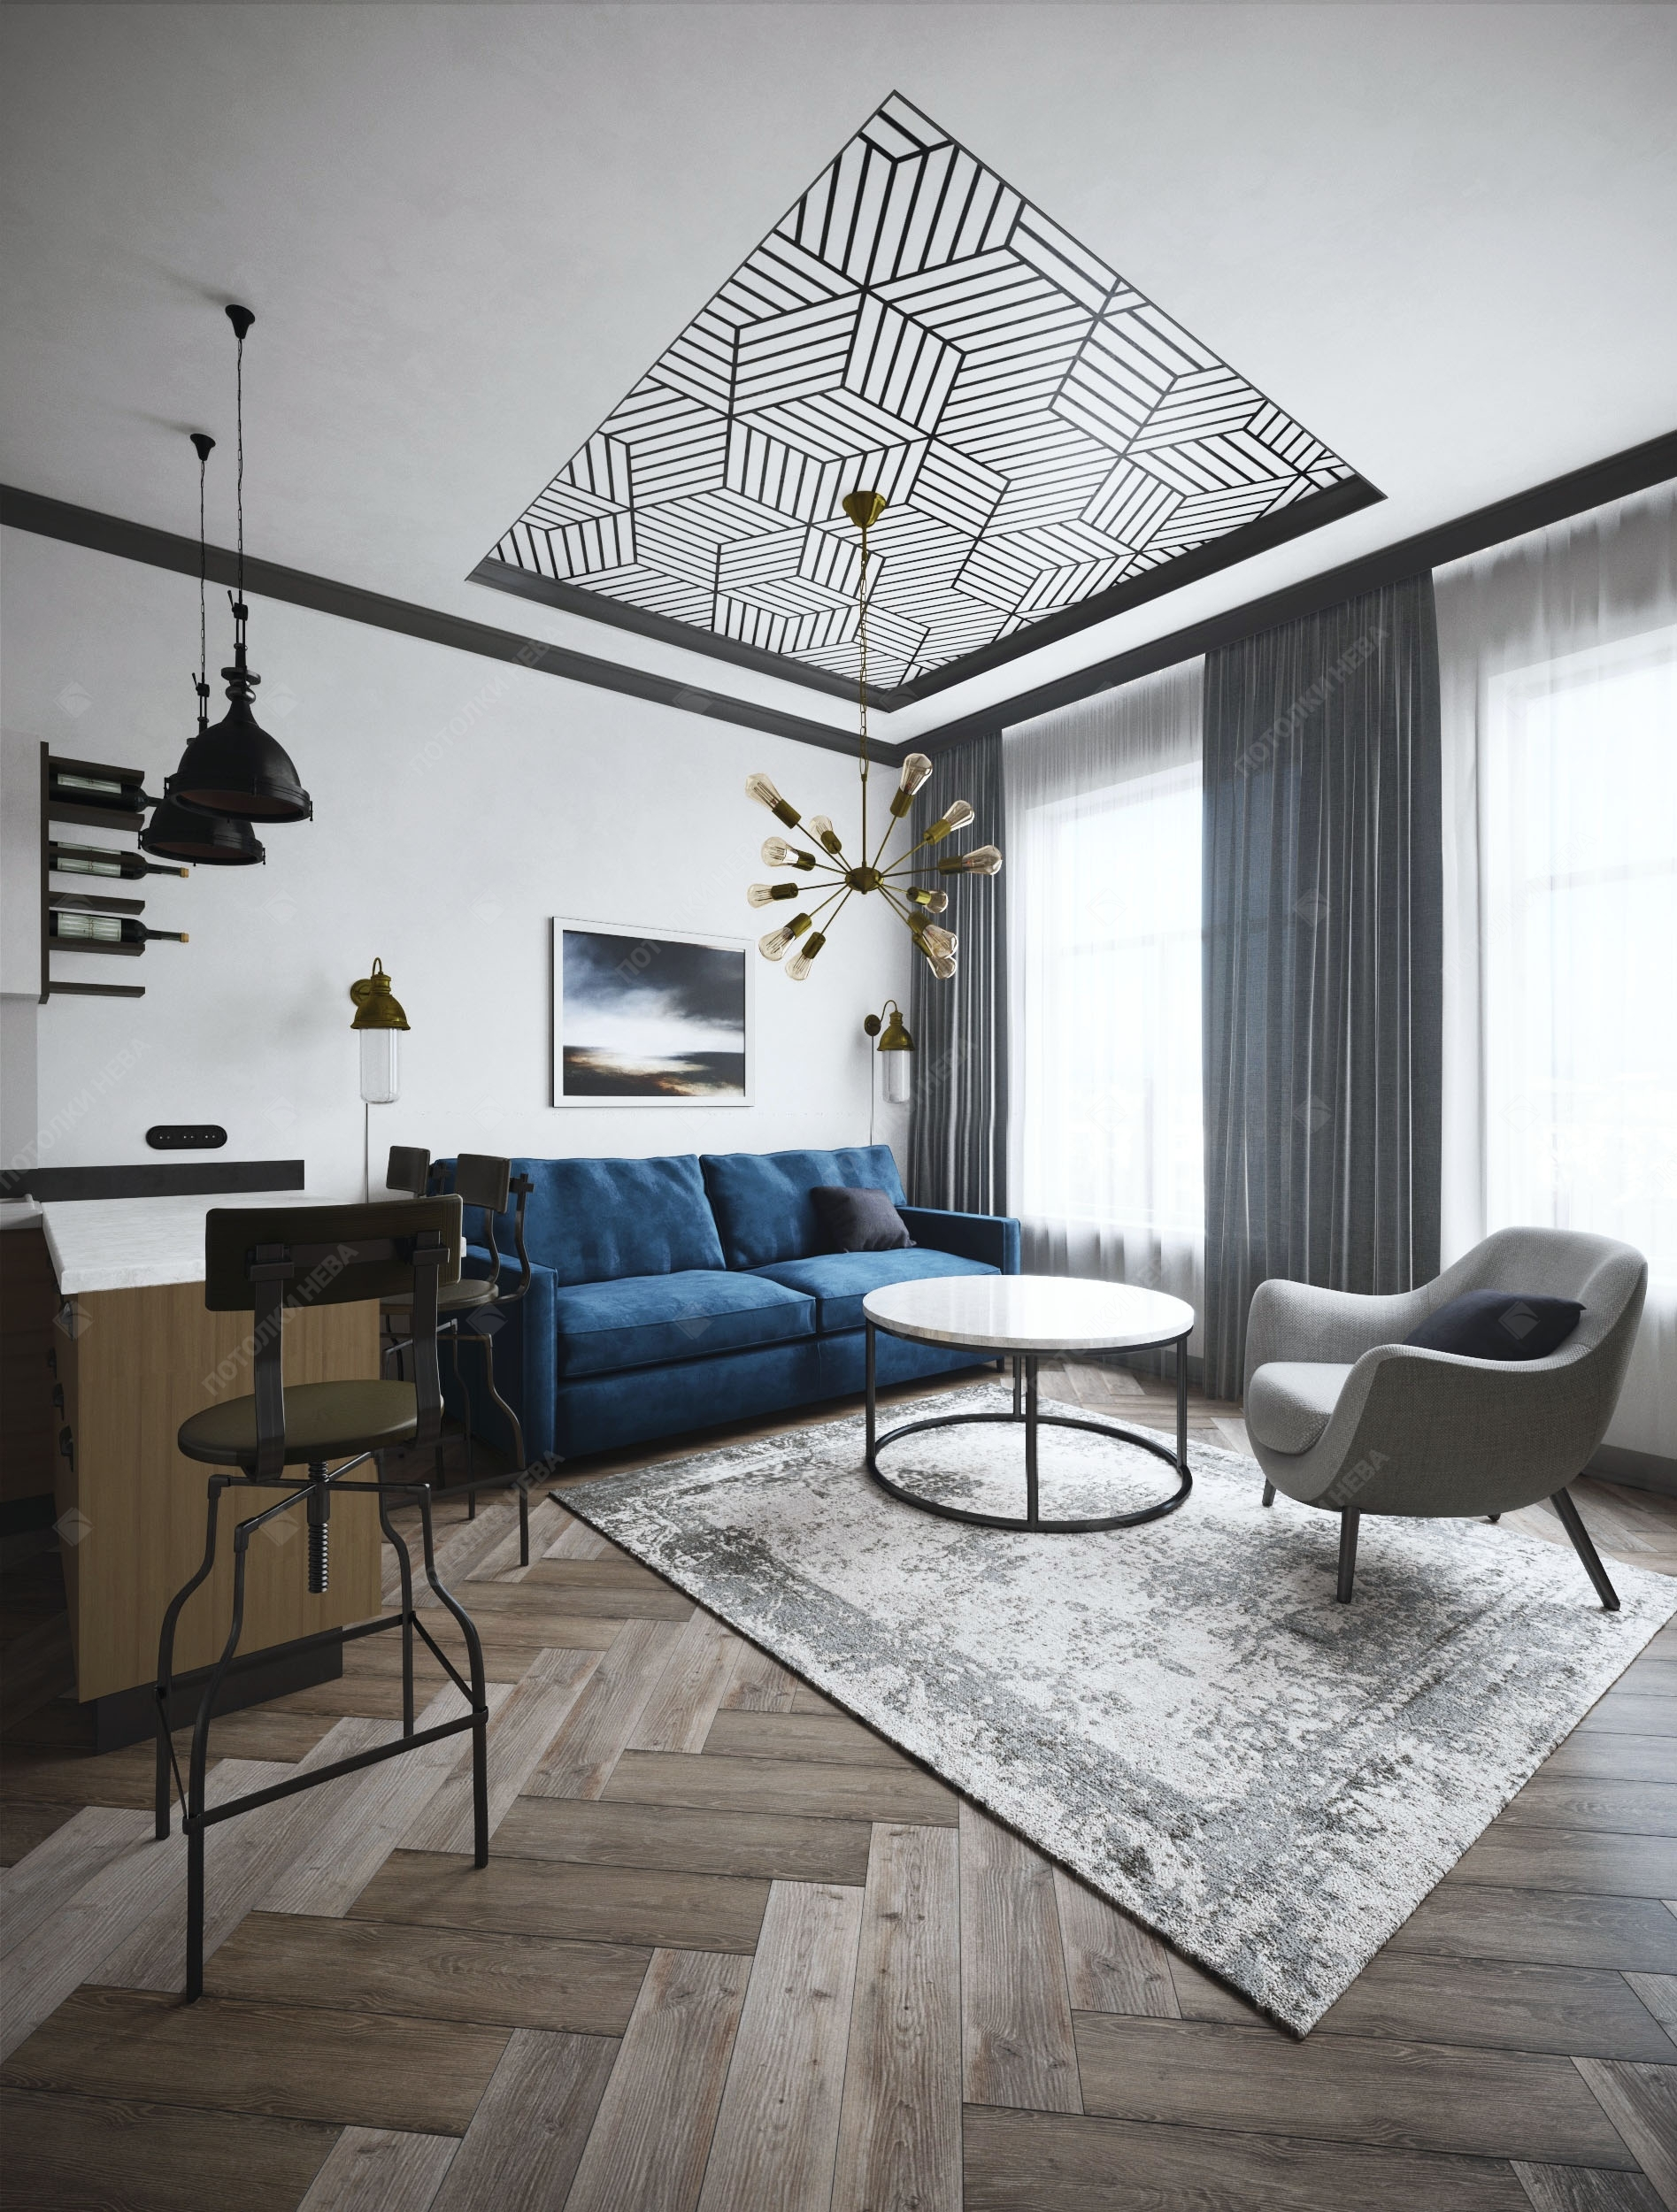 Потолок с геометрической фотопечатью